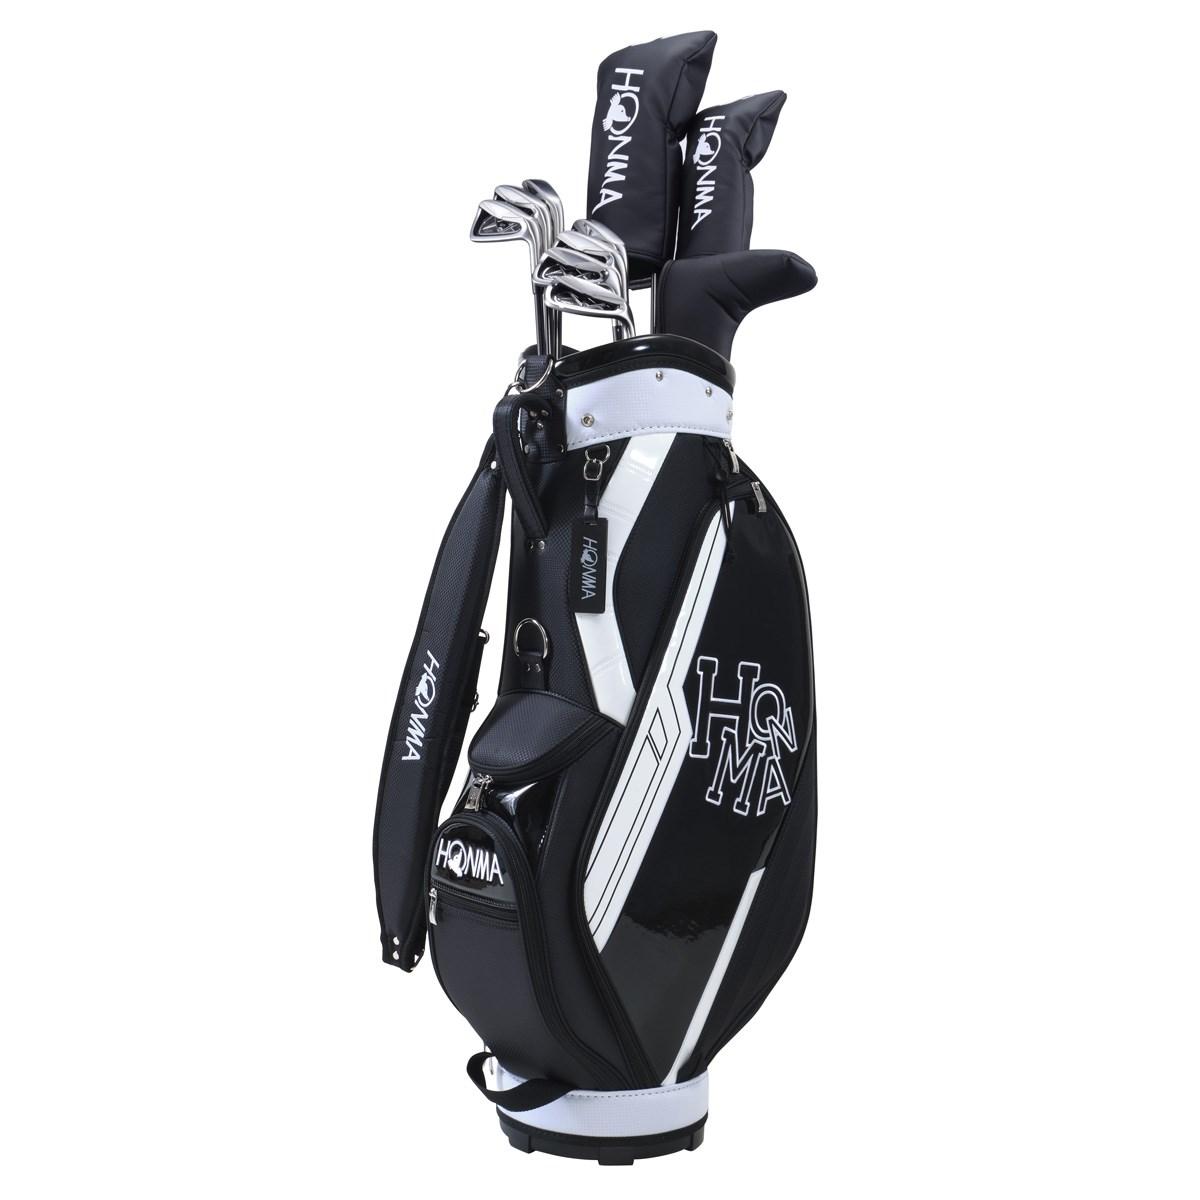 本間ゴルフ HONMA D1 オールインワンセット(10本セット) アイアンD1-500 R ブラック